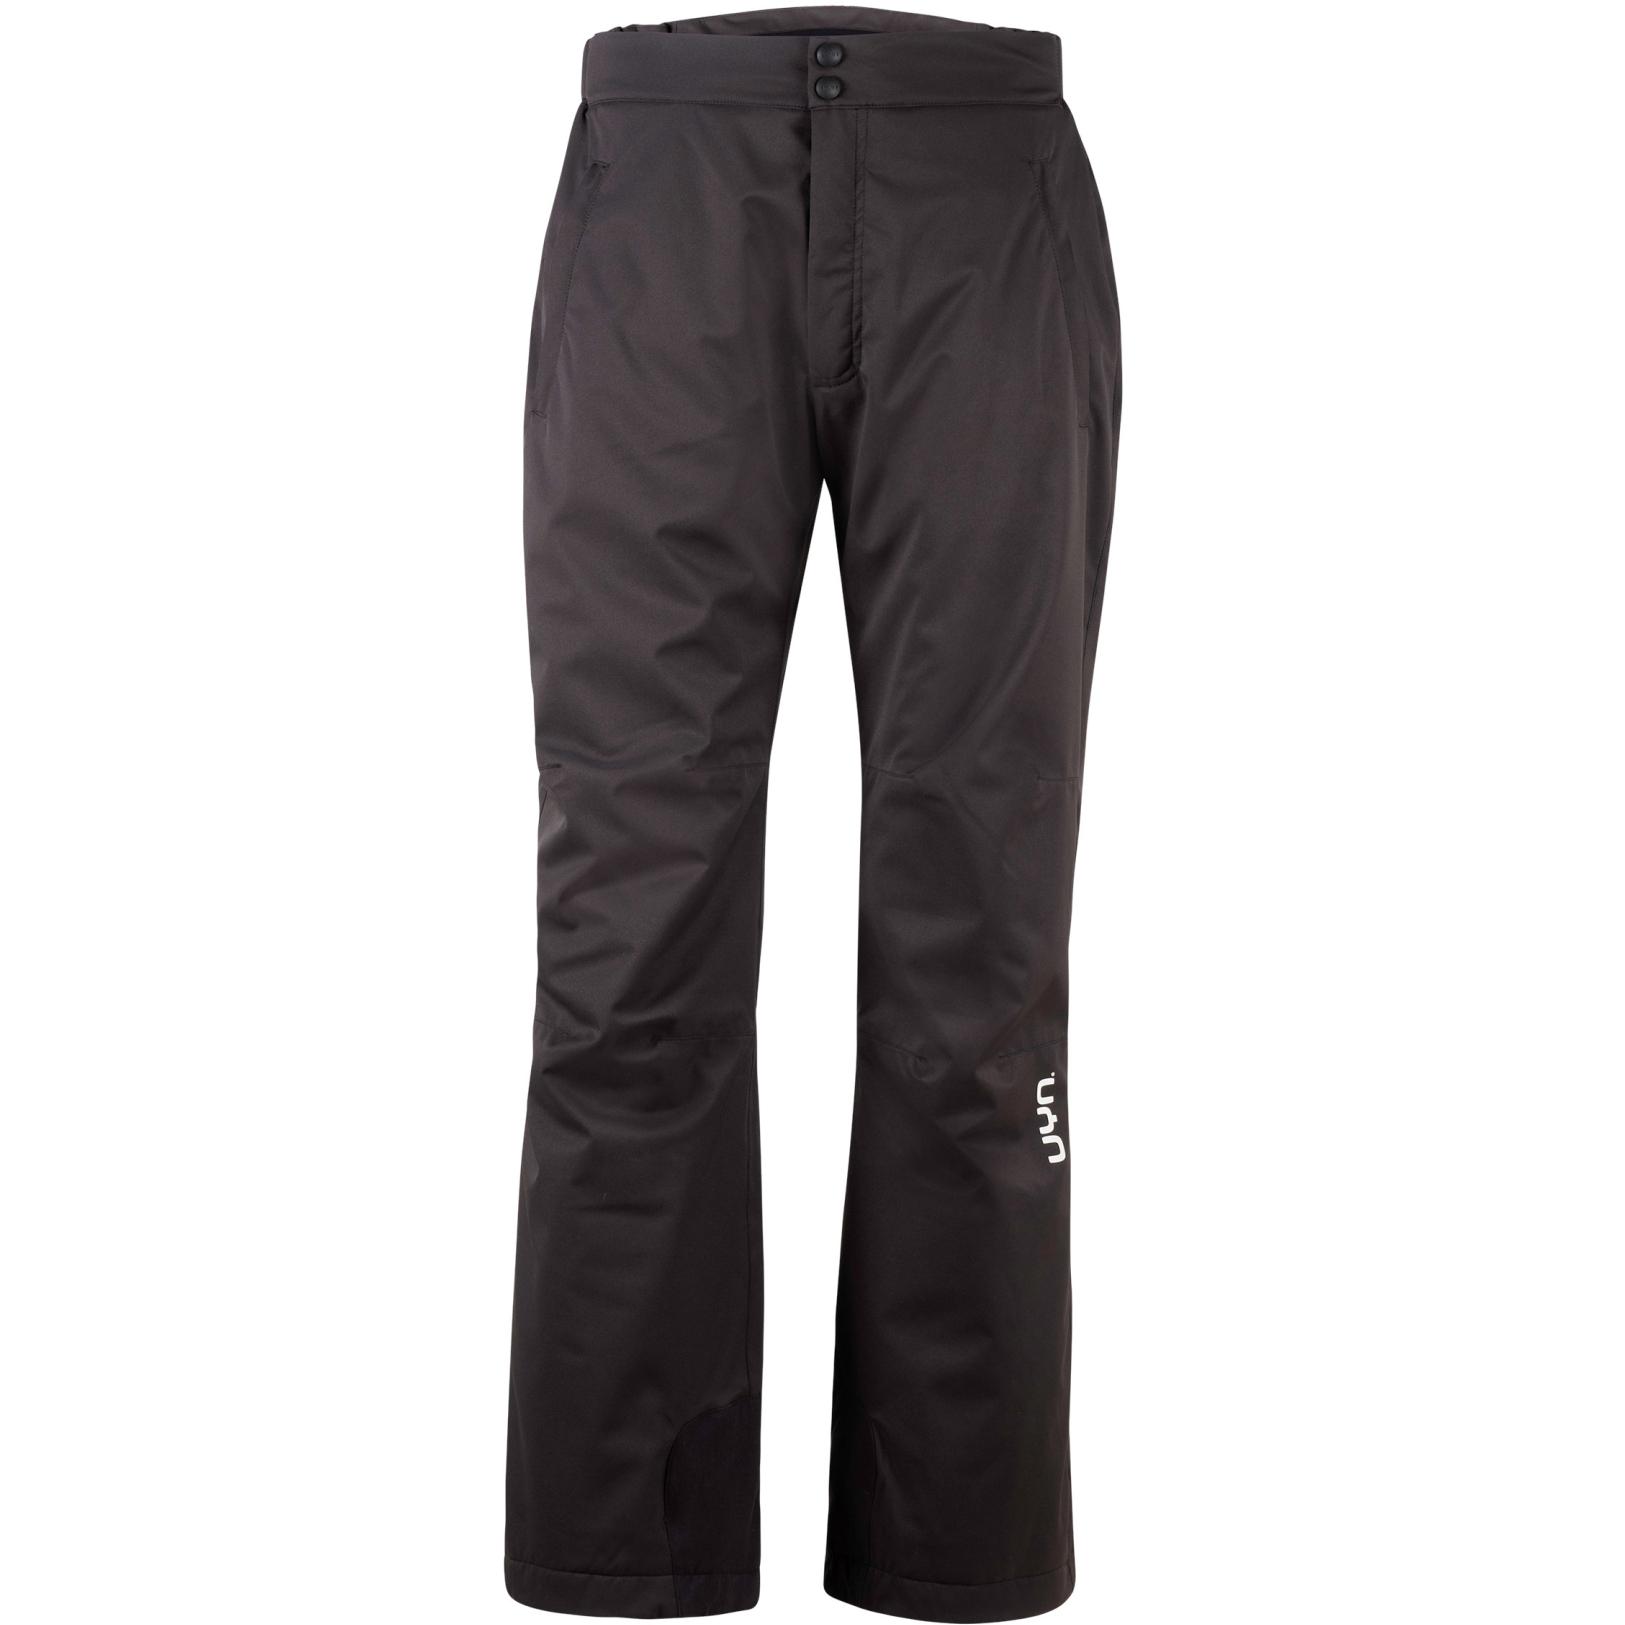 UYN Skyon Natyon Man Pants - Black